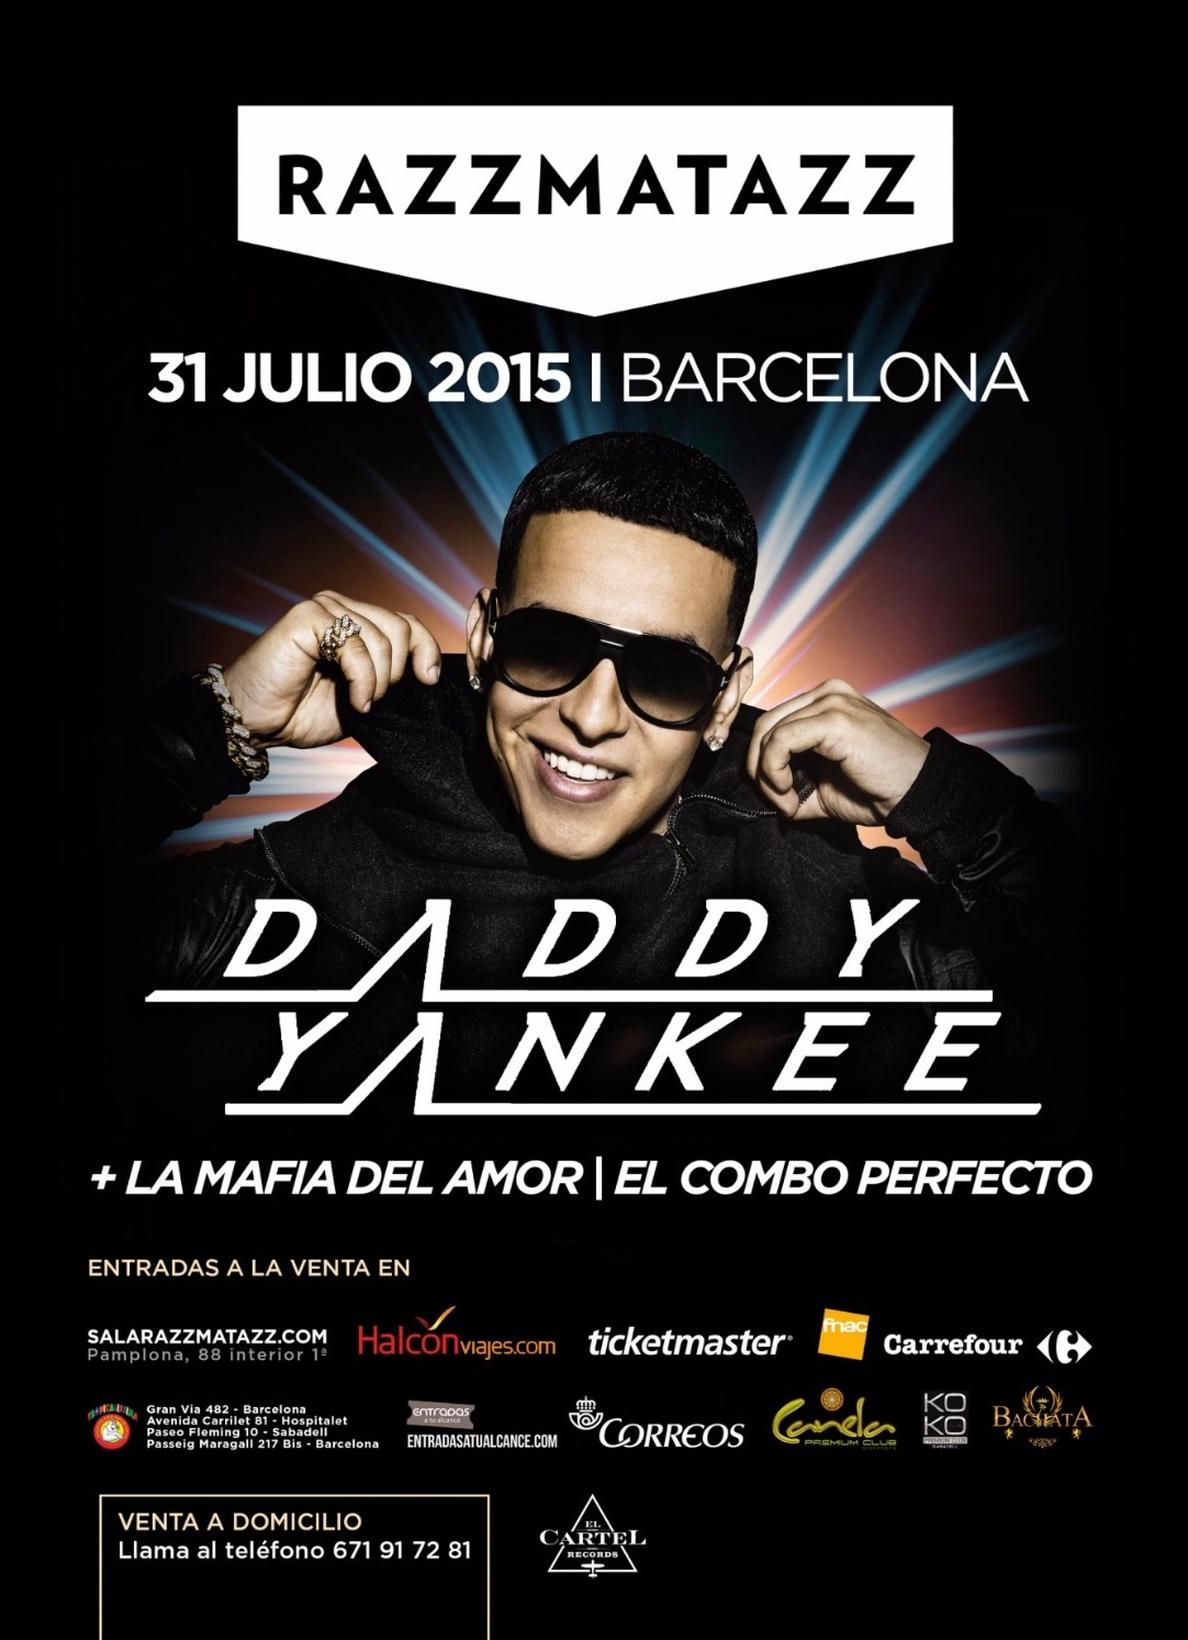 Daddy Yankee actuará en Razzmatazz de Barcelona el 31 de julio